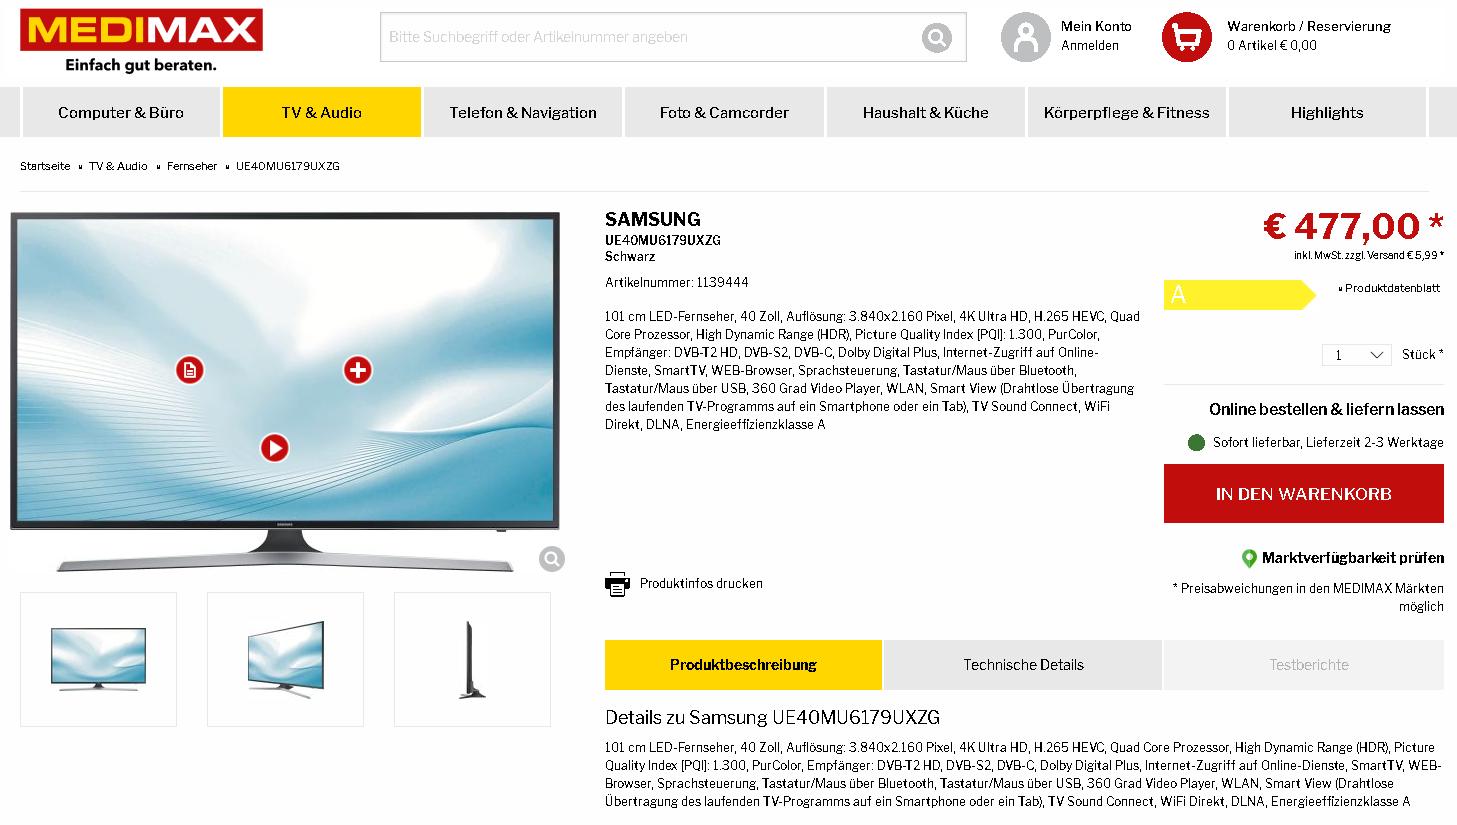 [Medimax] Neueste Baureihe Samsung UE40 MU6179 UXZG zum Knallerpreis!!! Nur diese Woche!!!